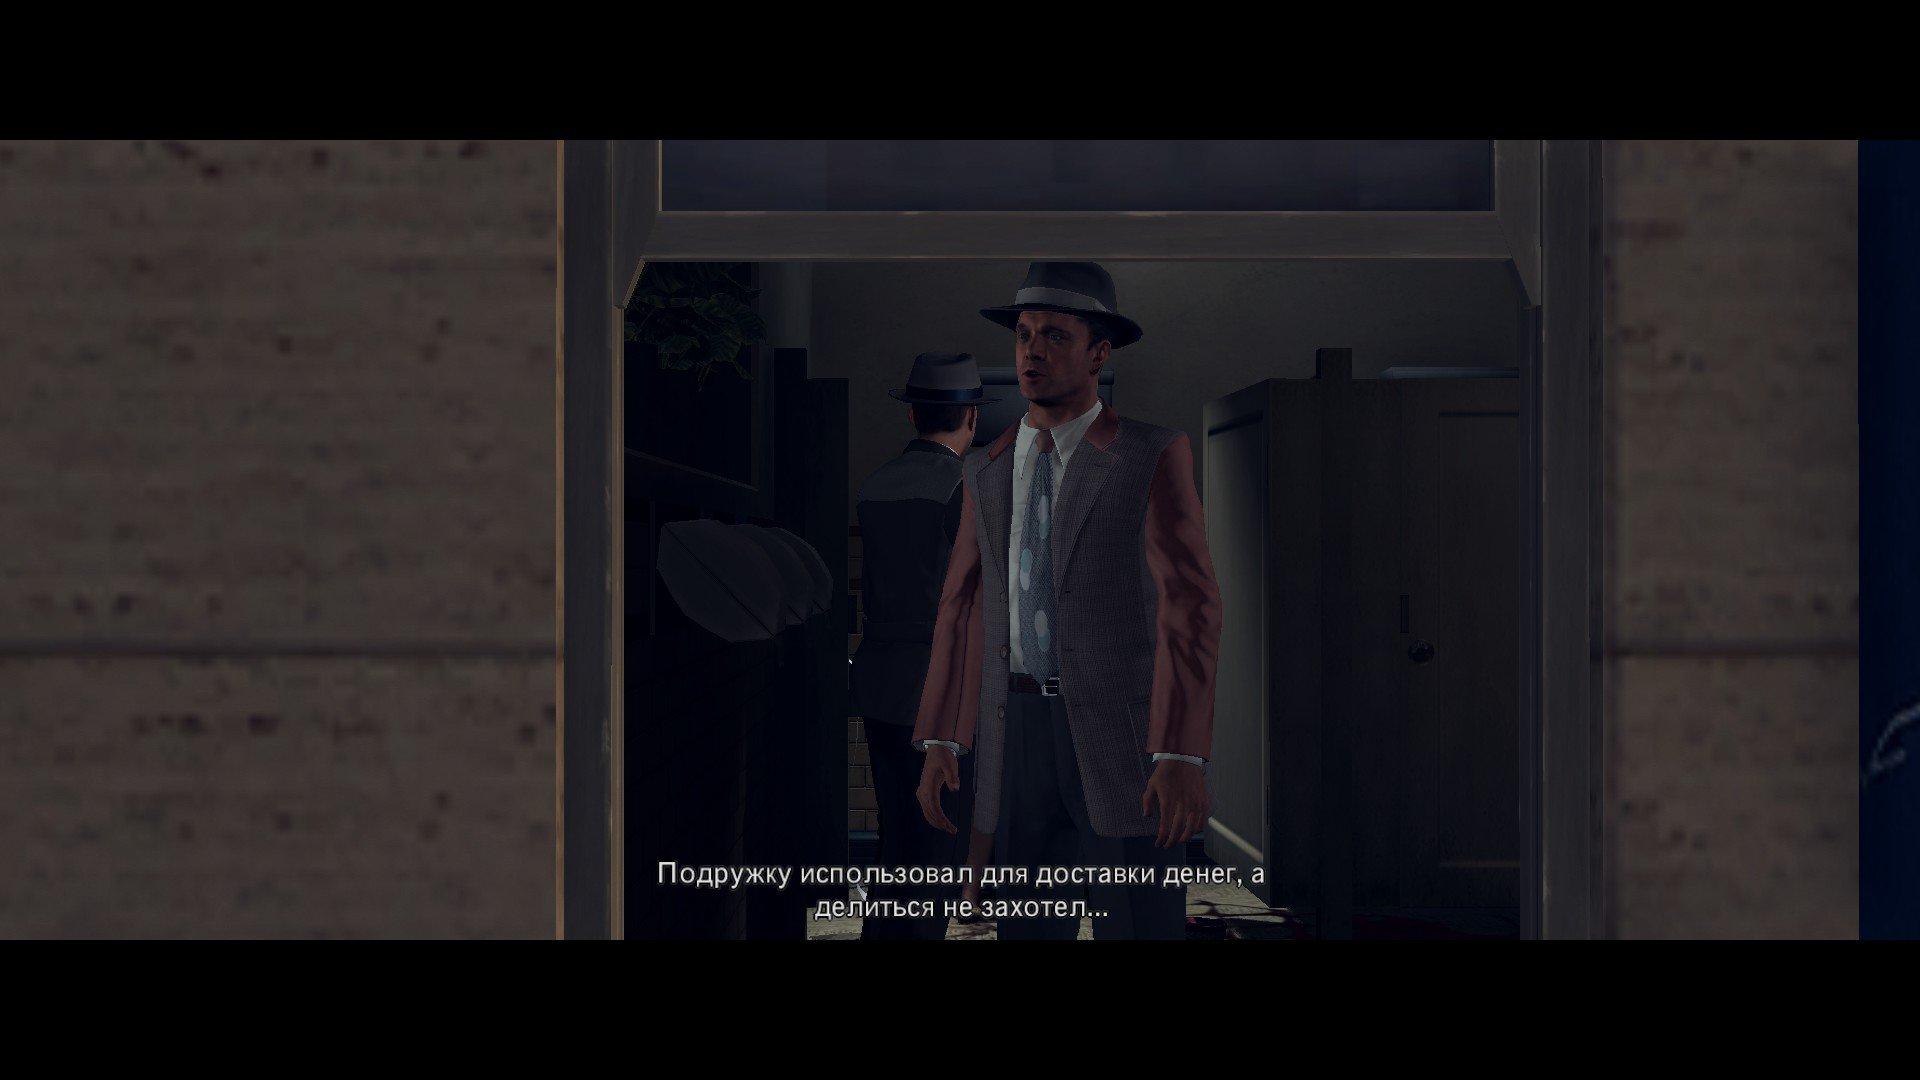 Пост-прохождение L.A. Noire Часть 16 - Изображение 61